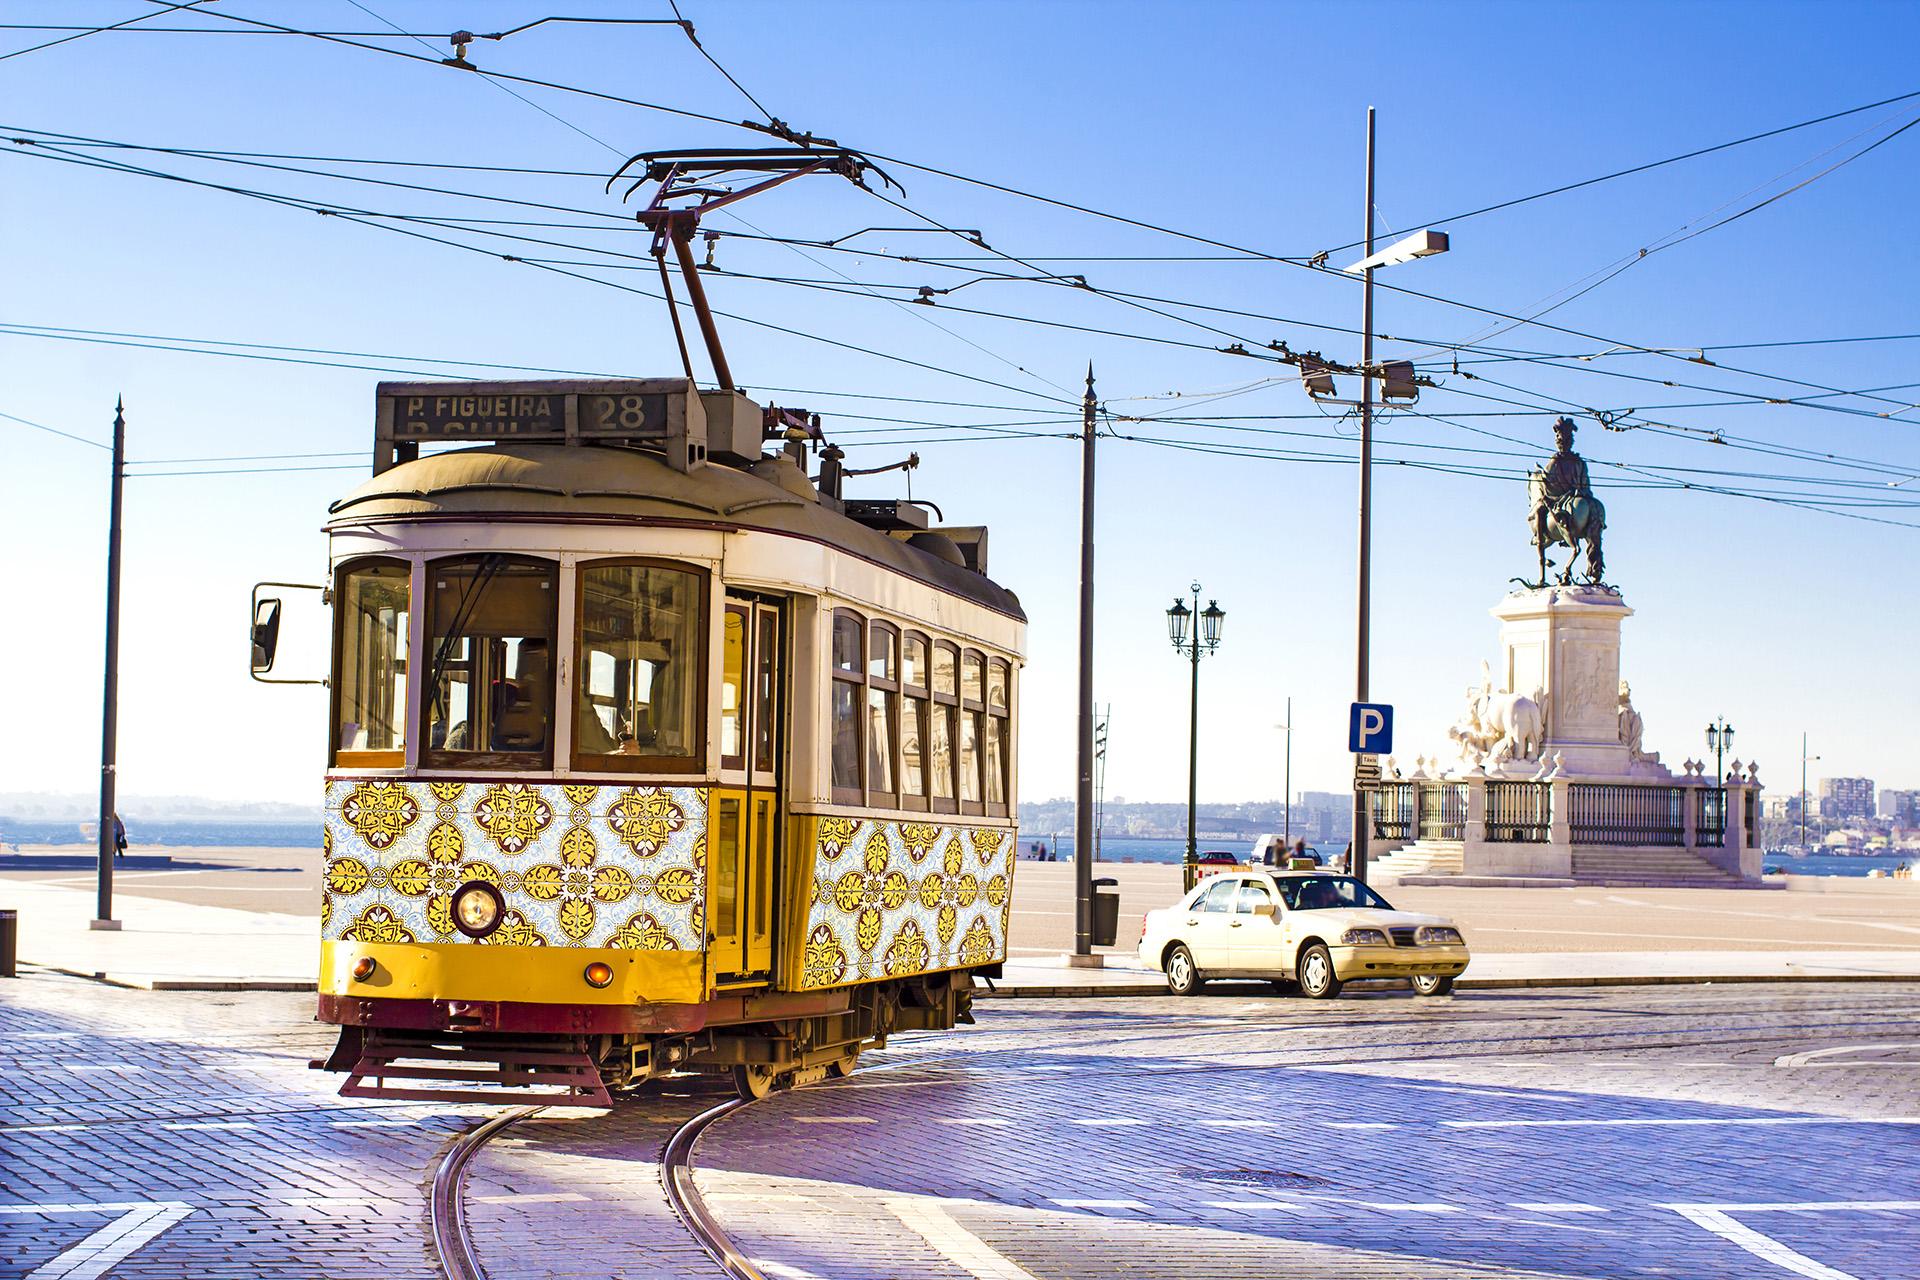 Célèbre tramway de Lisbonne